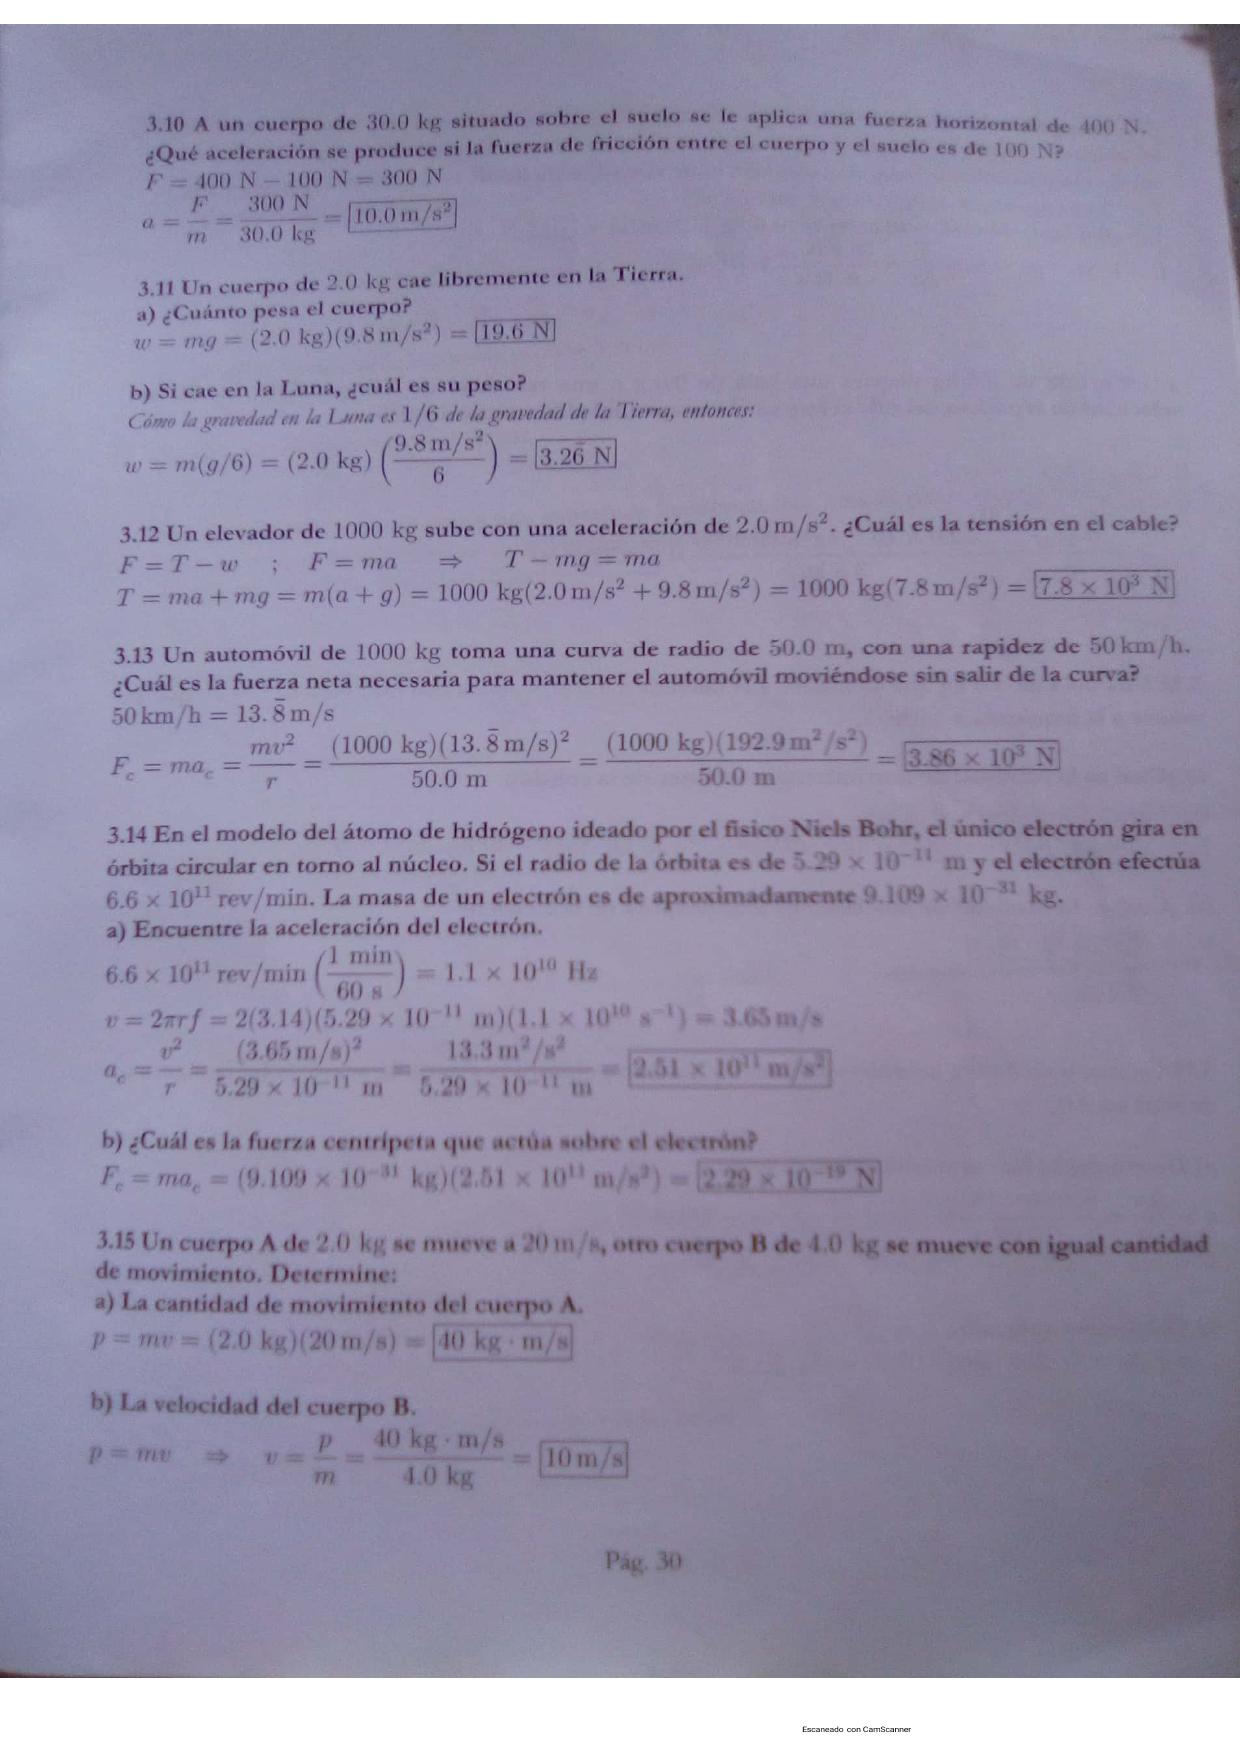 cuaderno-de-trabajo-f-sica-b-sica-page-0029